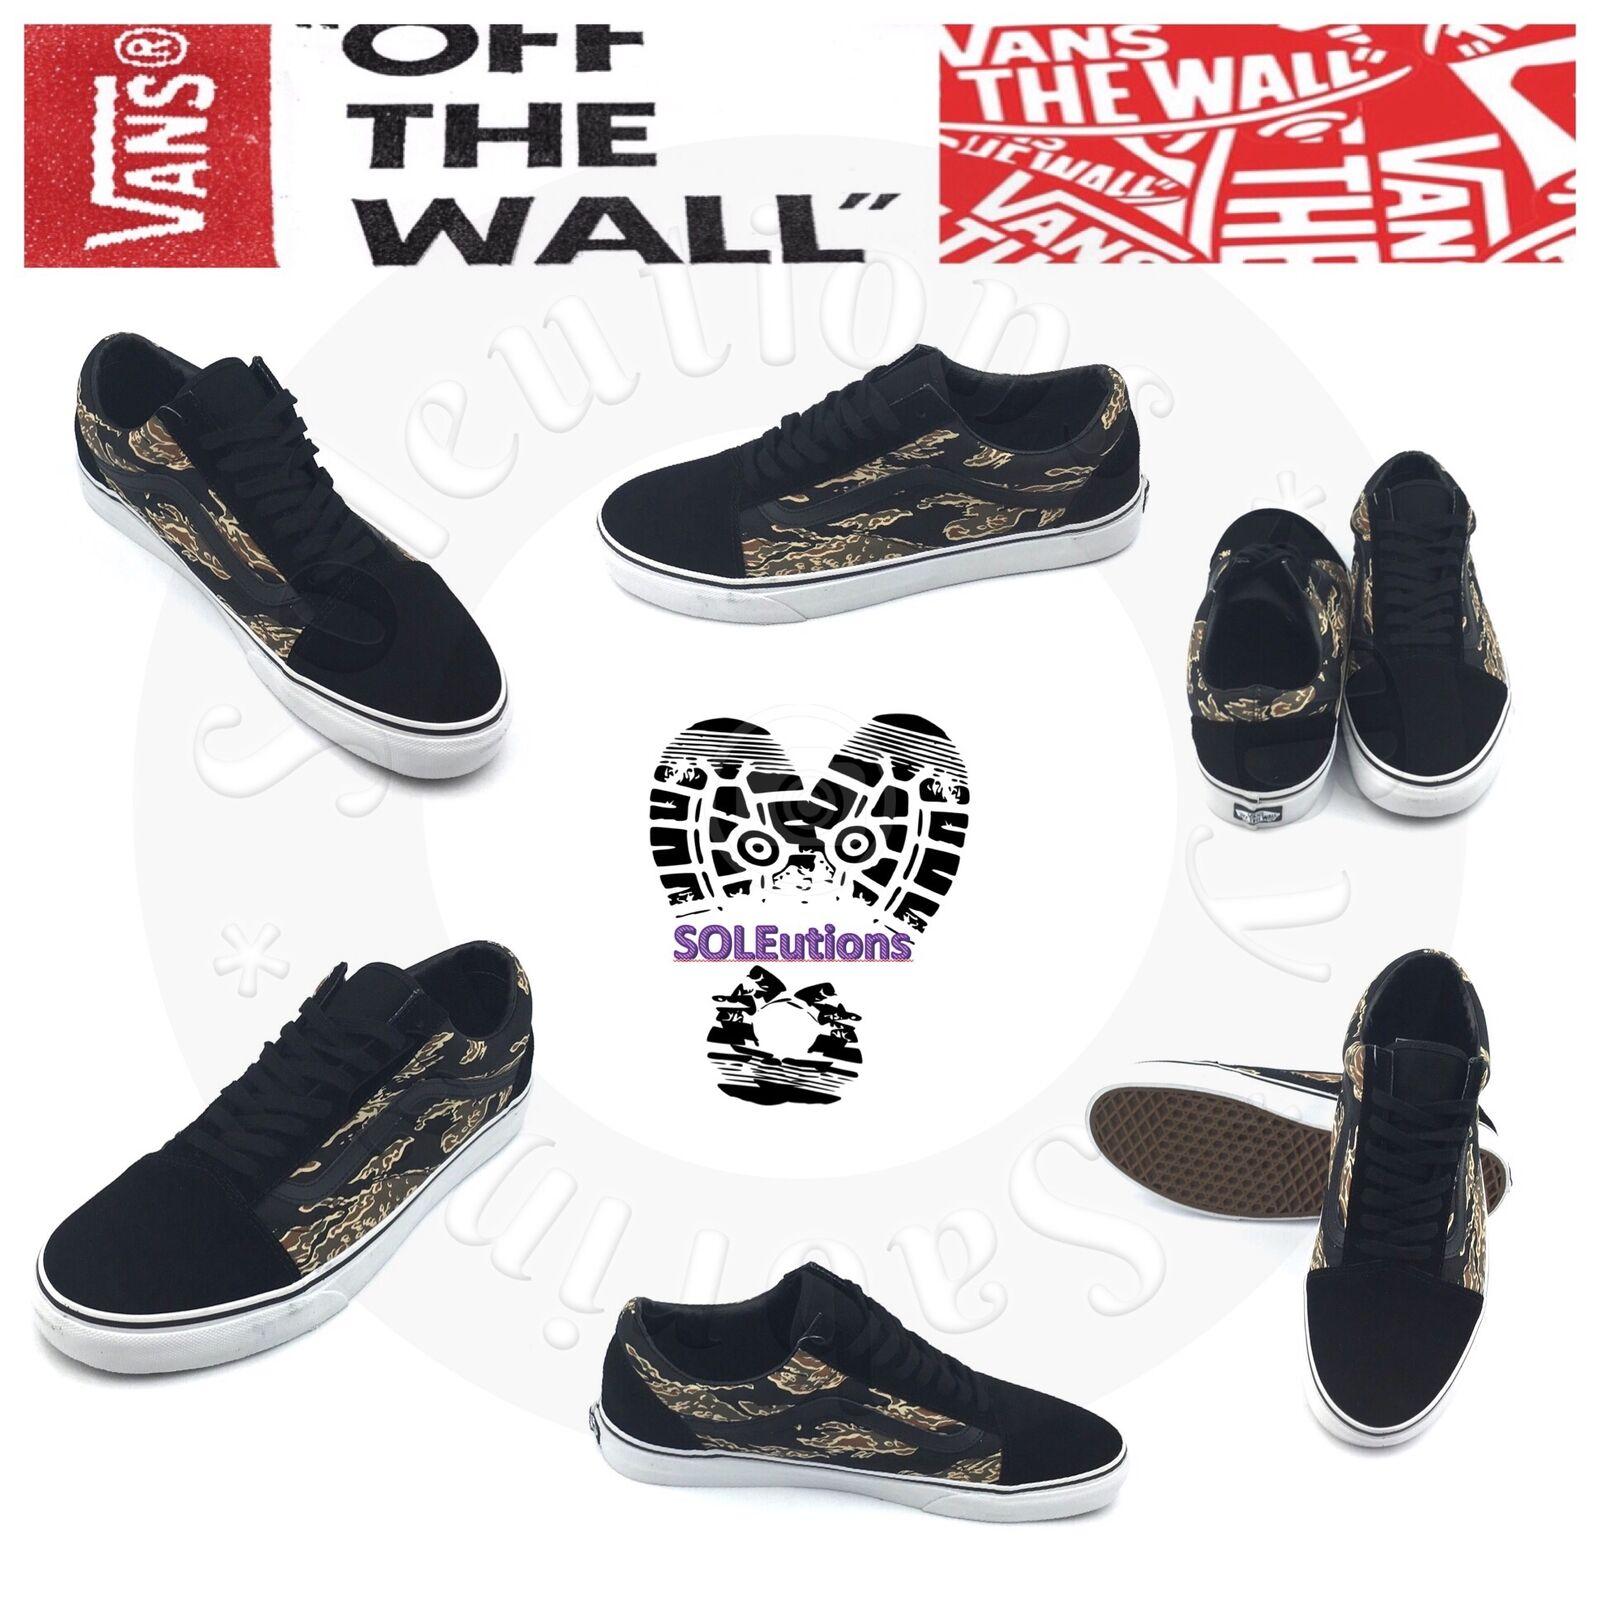 VANS Old Skool Suede Tiger Camo nero scarpe da da da ginnastica M12 790531